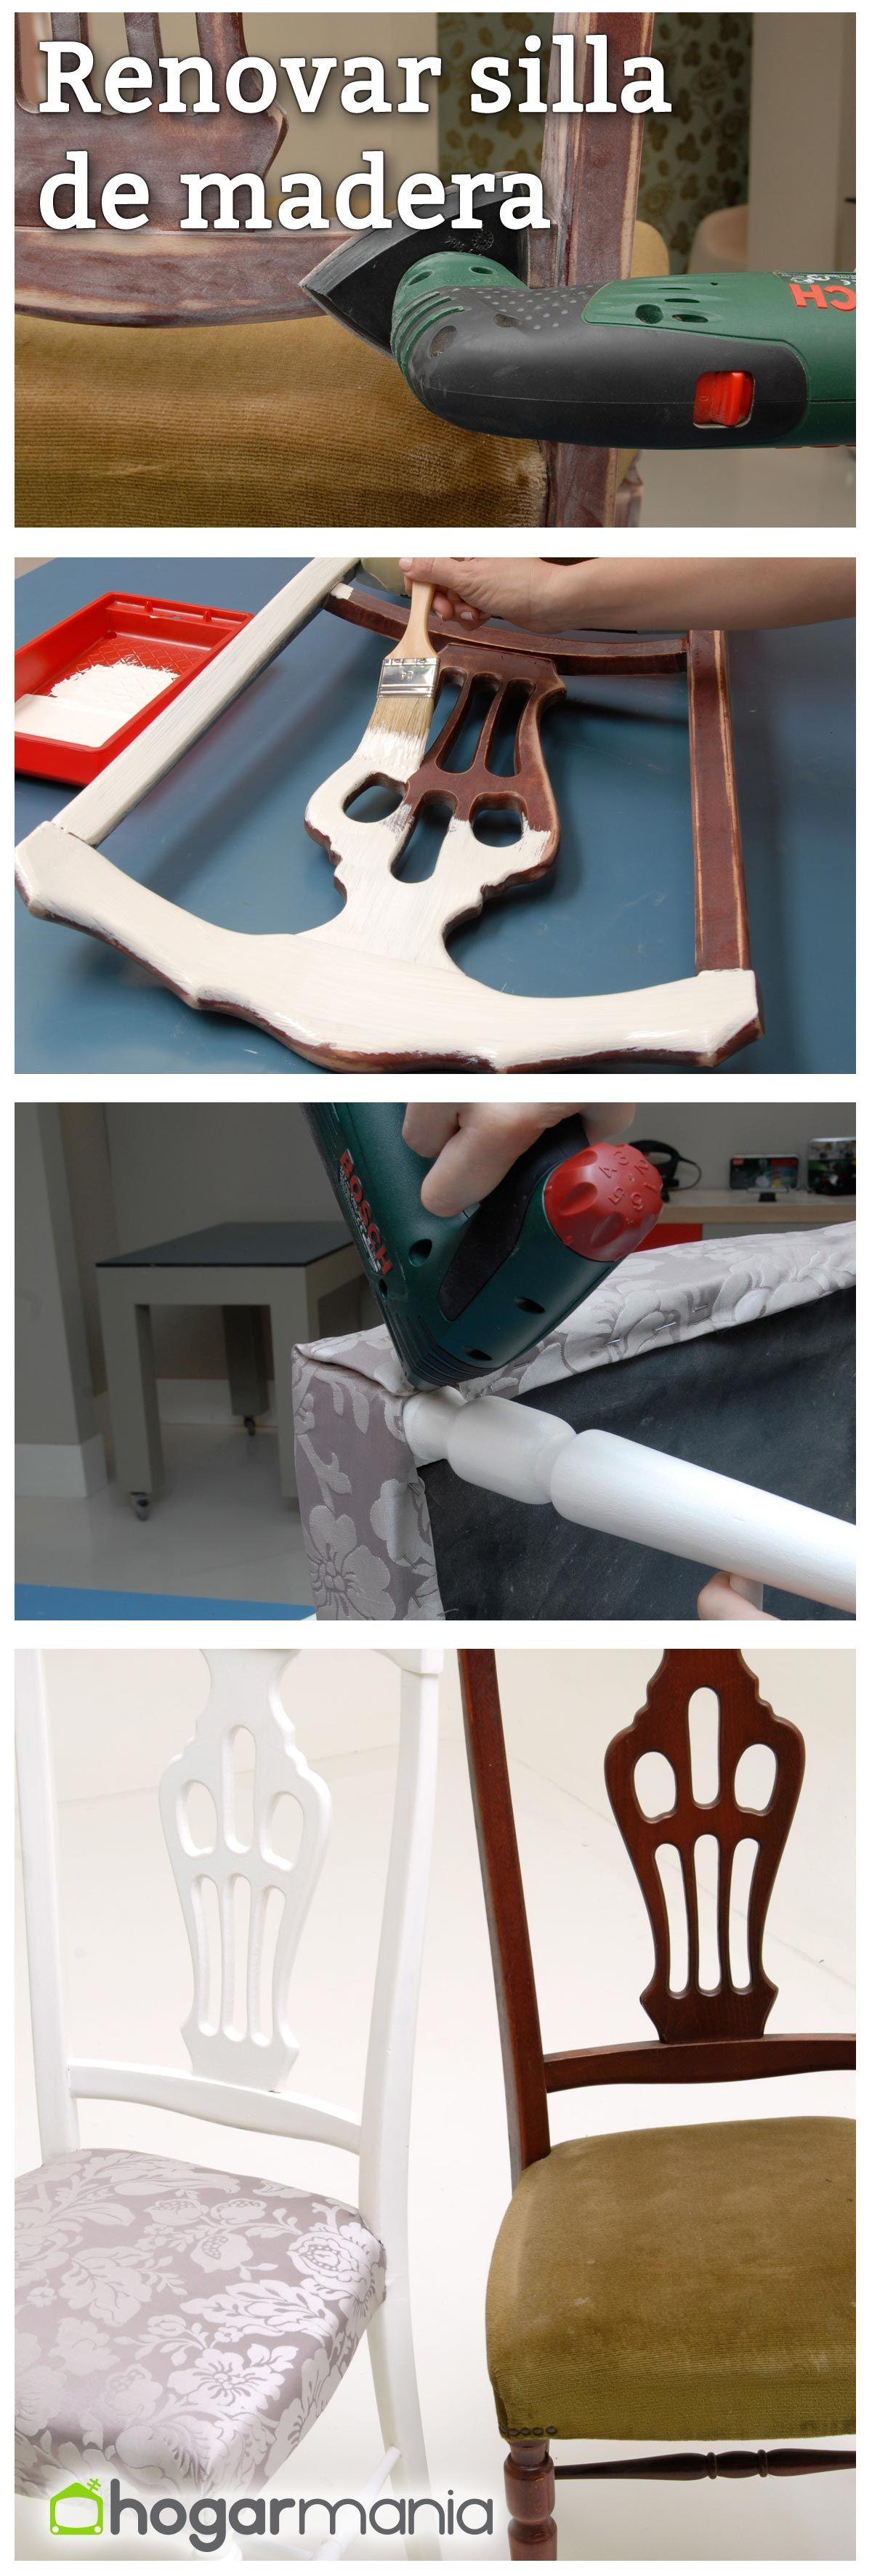 Renovar una silla de madera